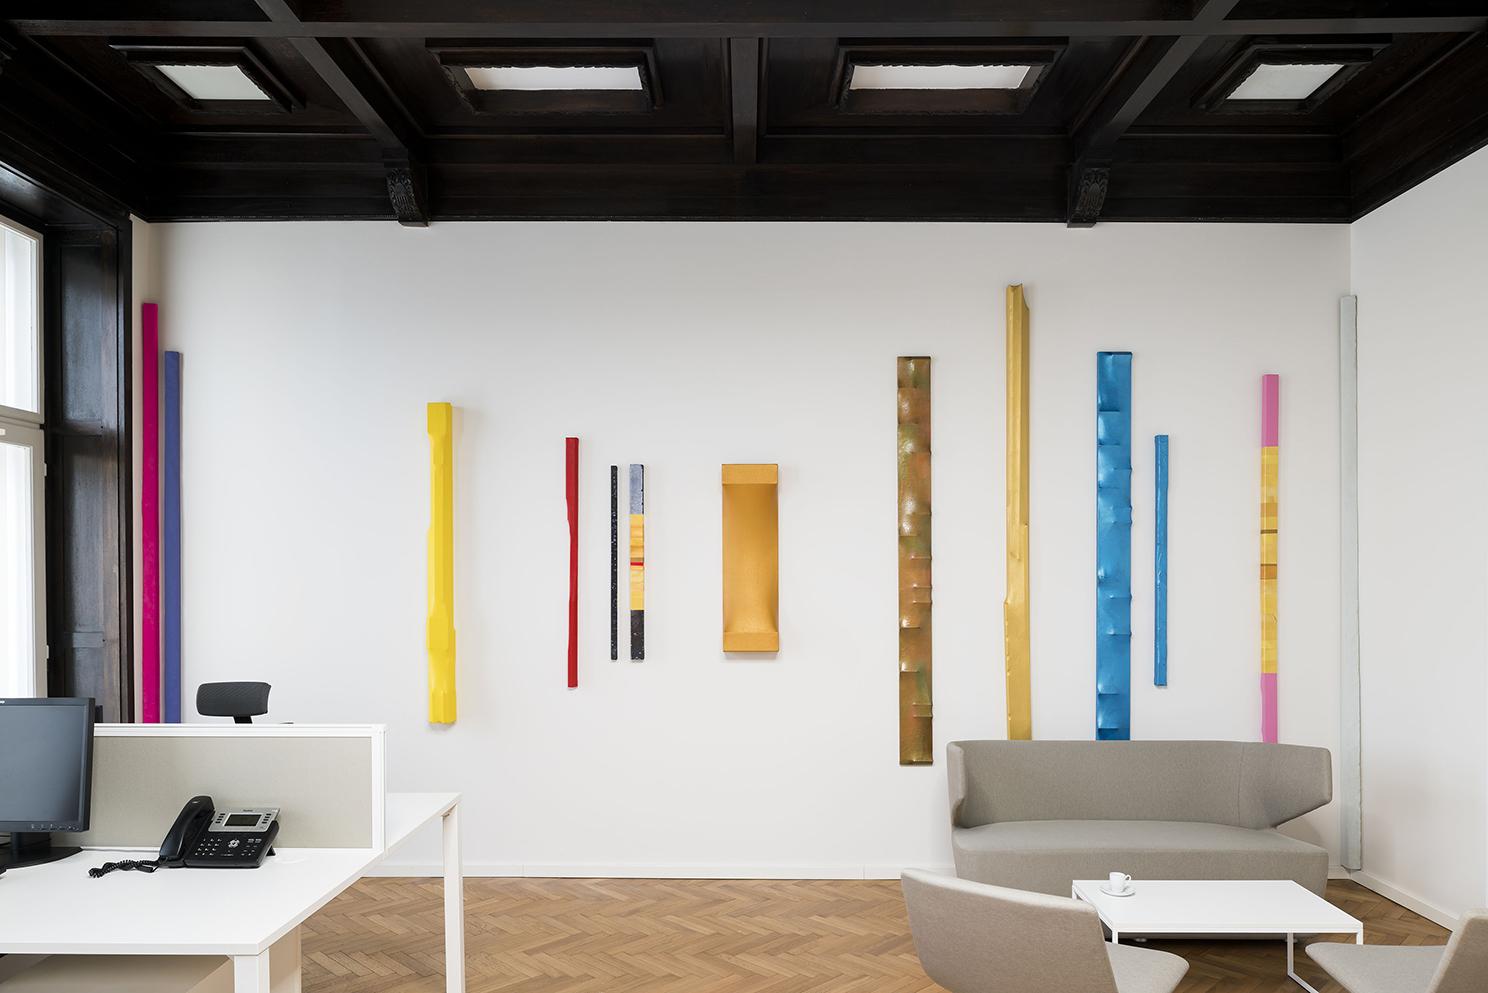 02_foto-studio-flusser-BARBORA-LEBLOVA-INTERIORS-ARCHITECTURE-PRAGUE-2019